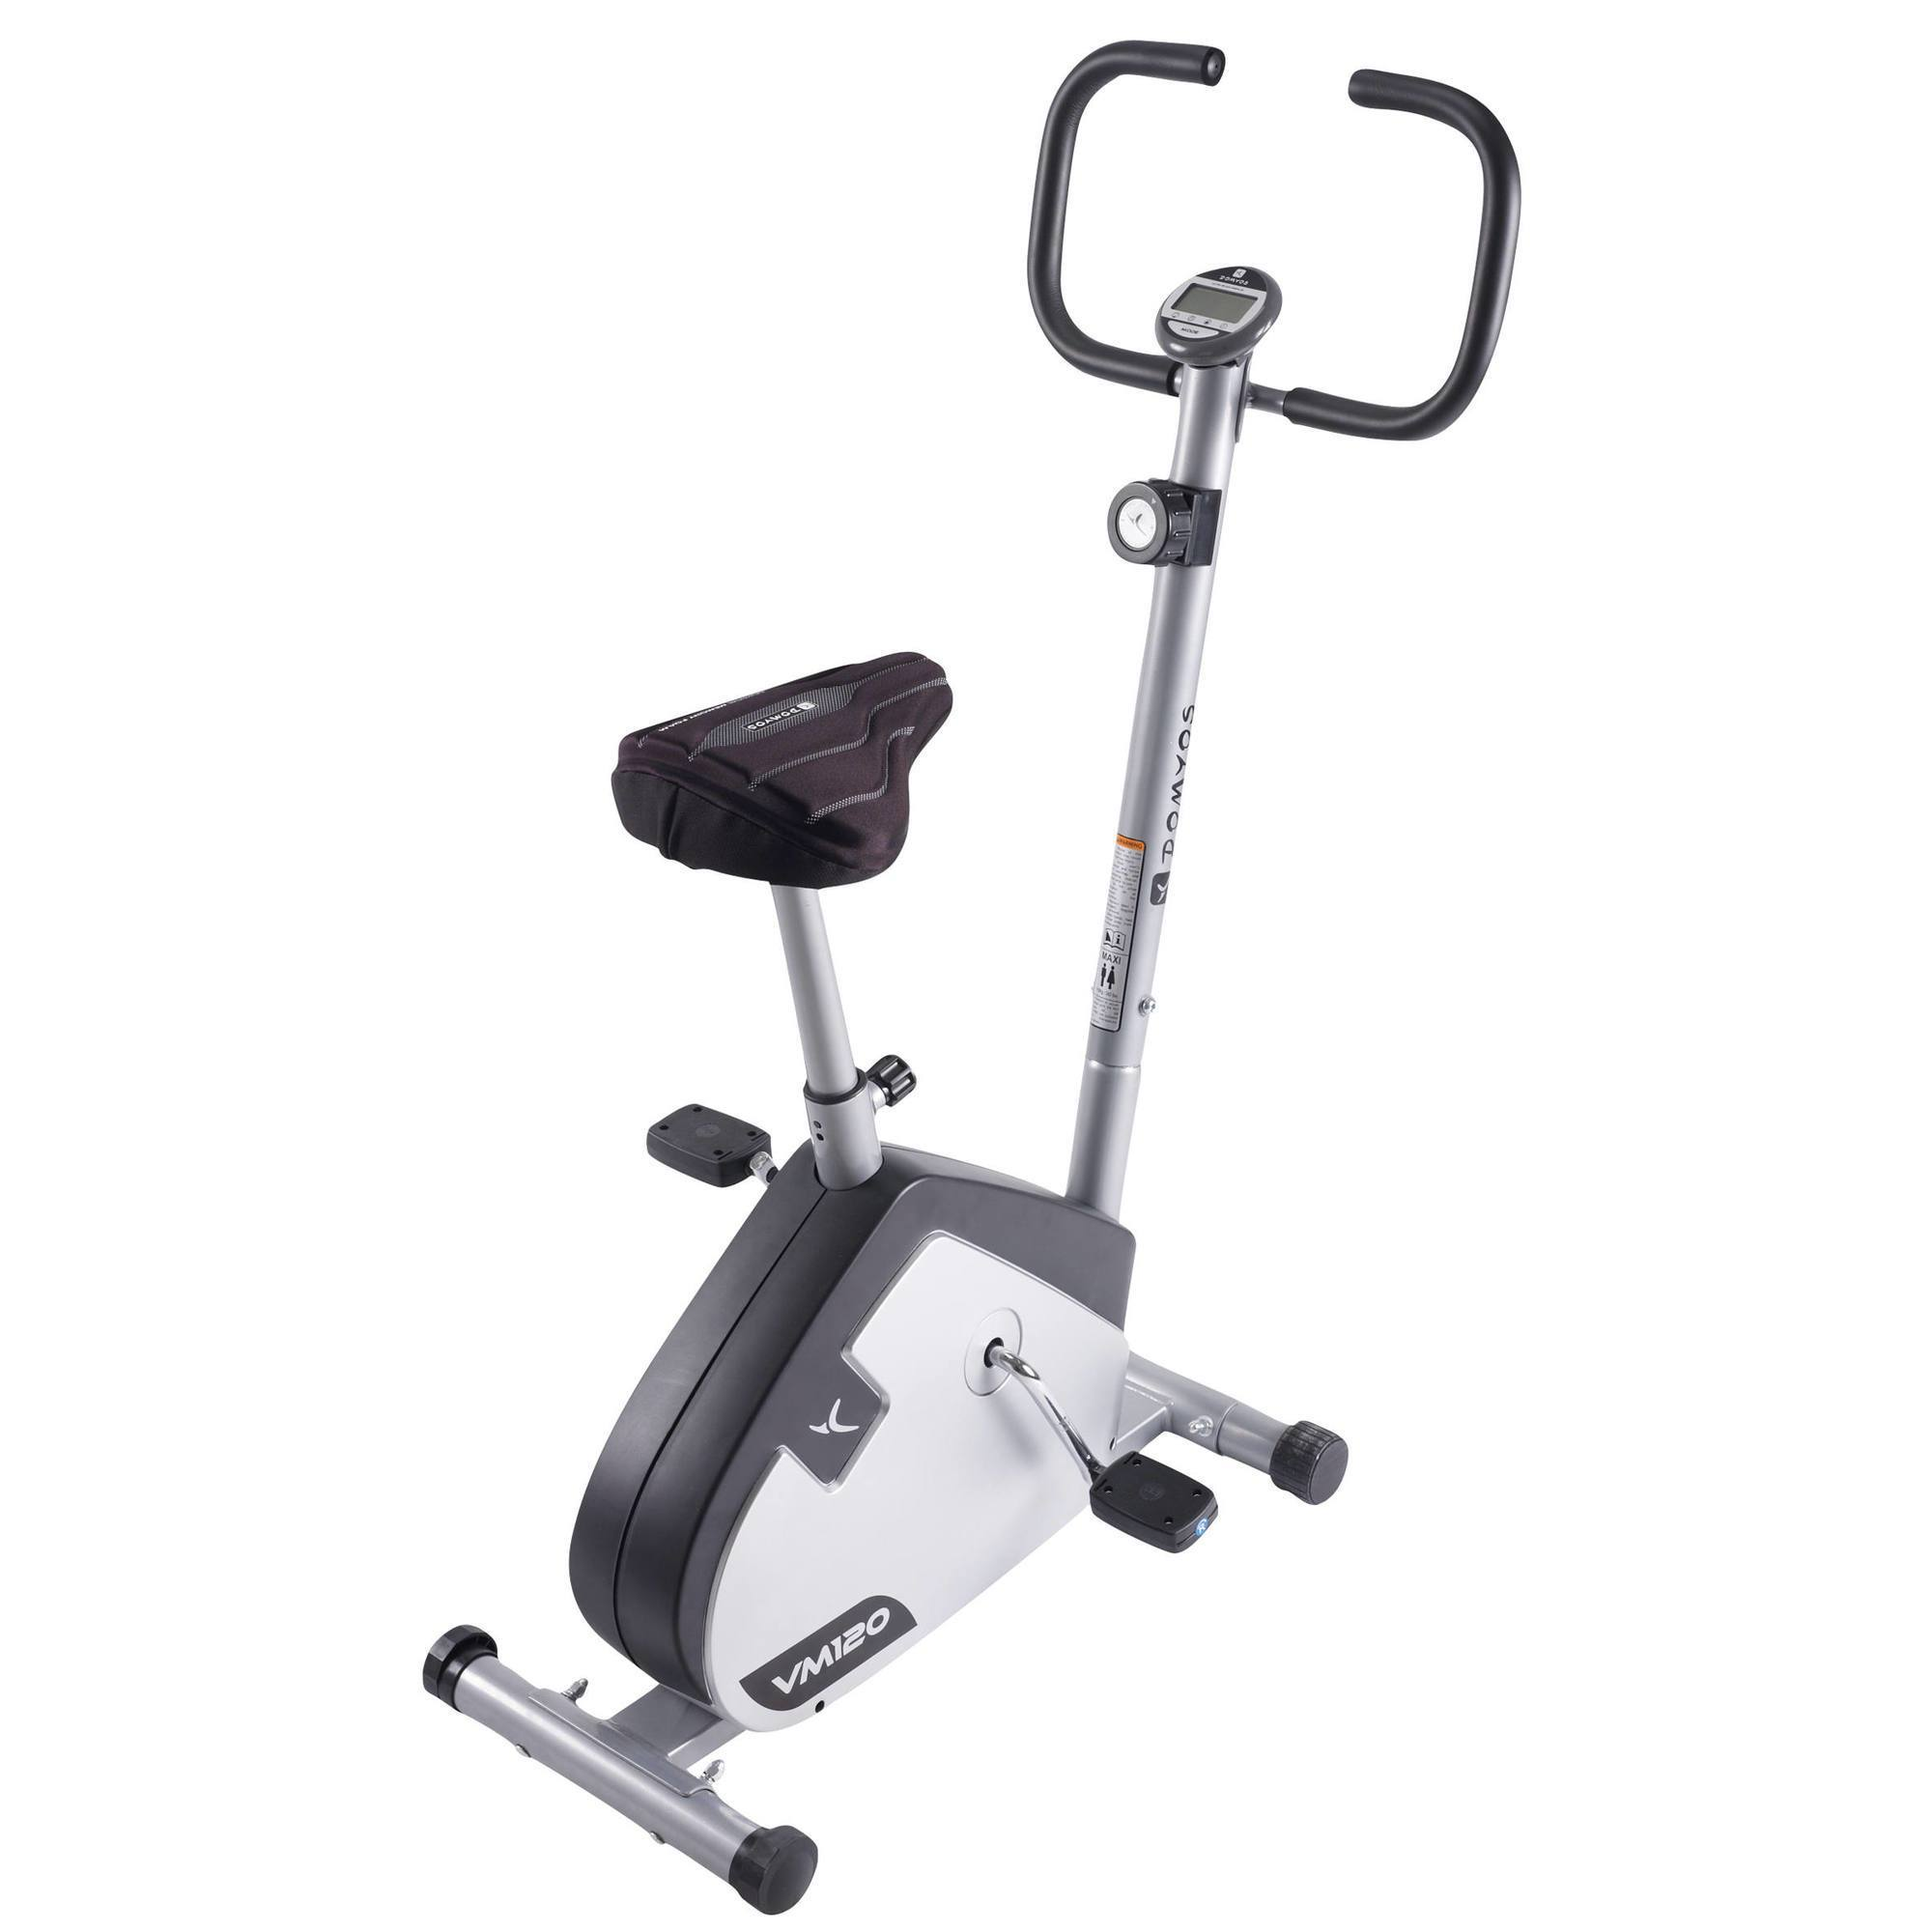 Couvre selle pour vélo d appartement Domyos Clubs & Collectivités